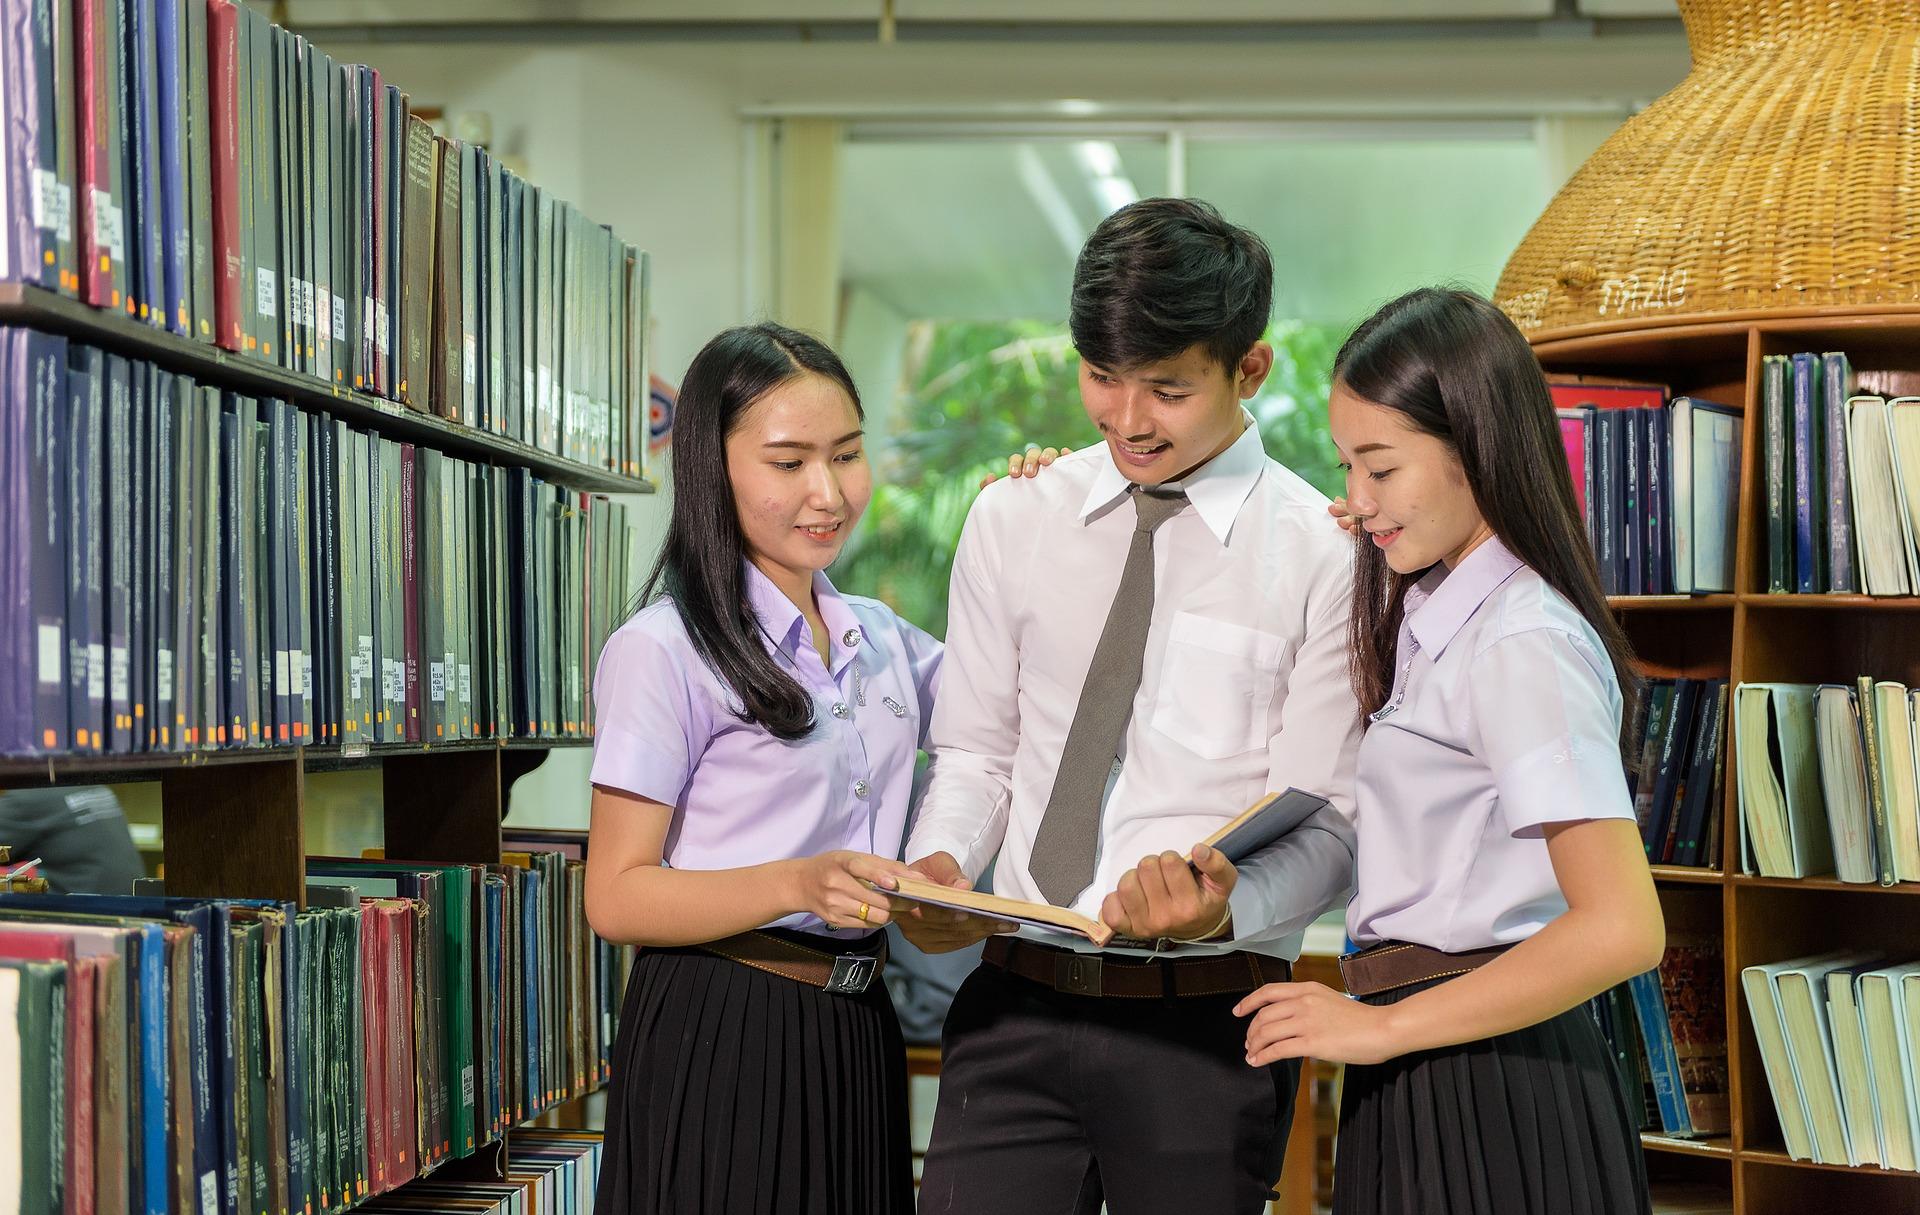 マレーシア人 学生